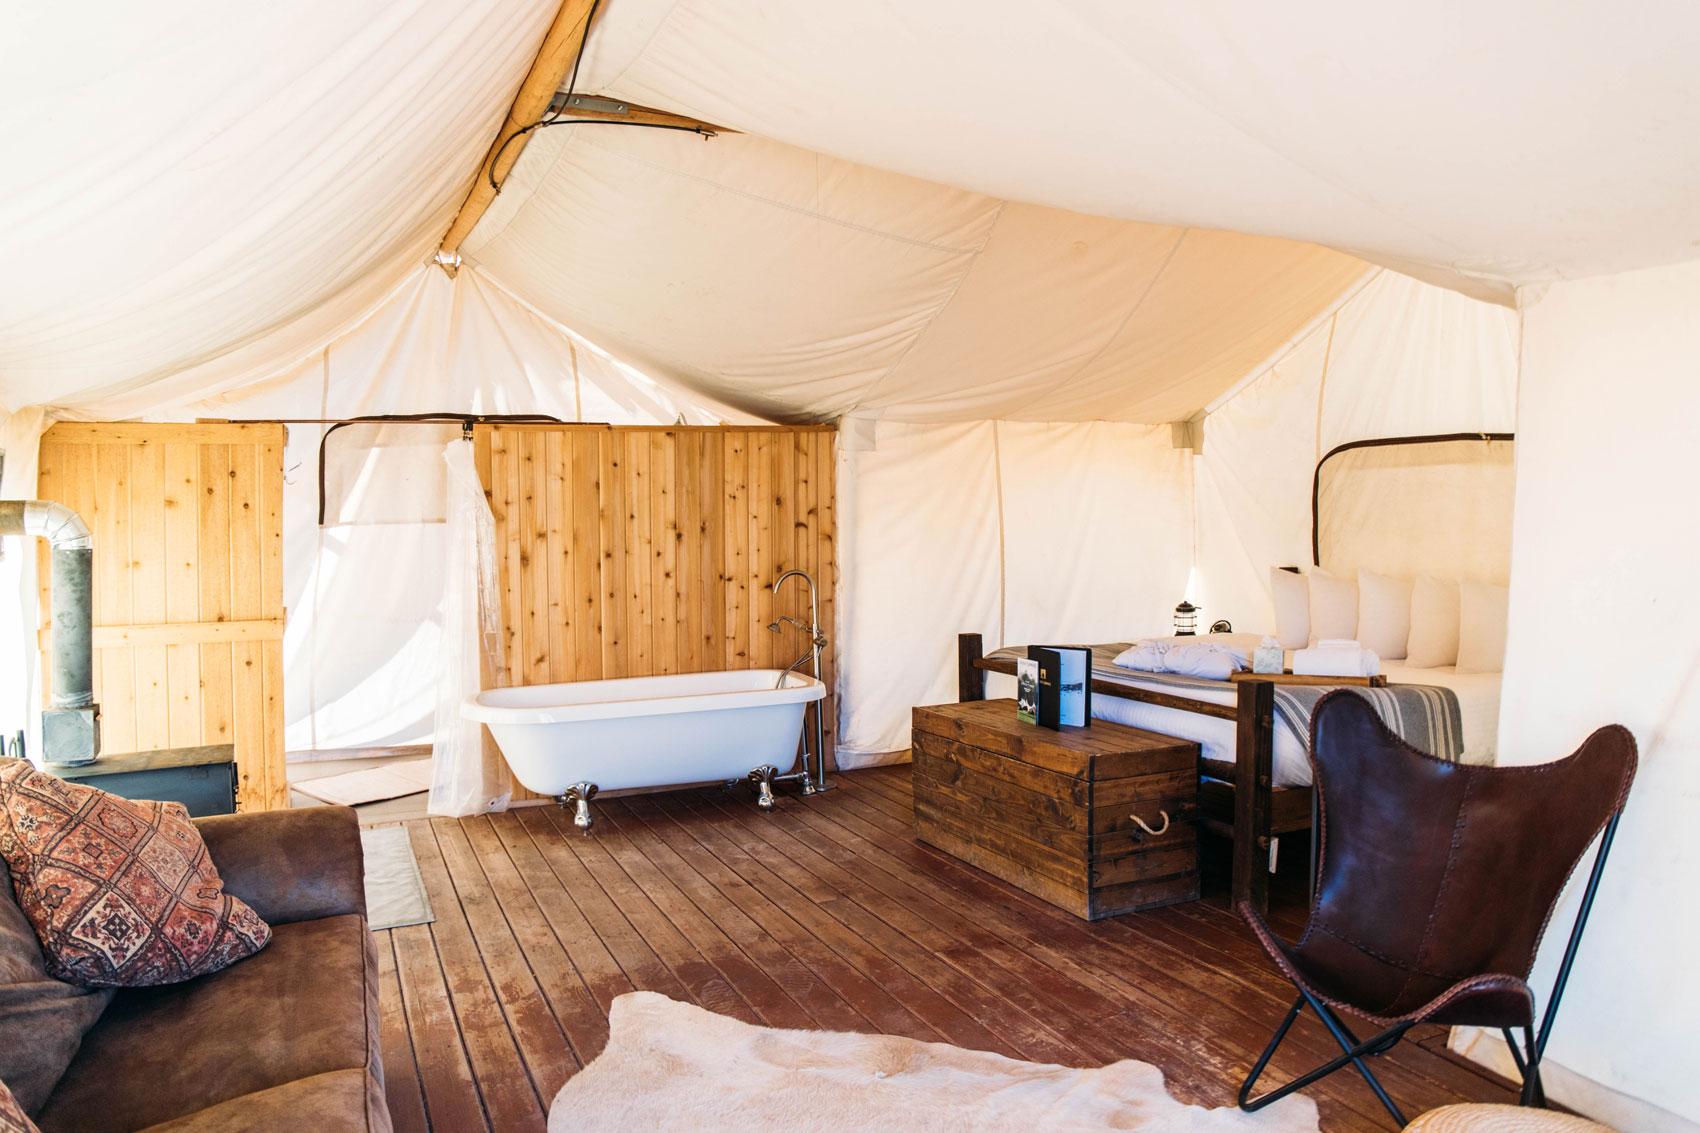 camping de luxe ouest américain